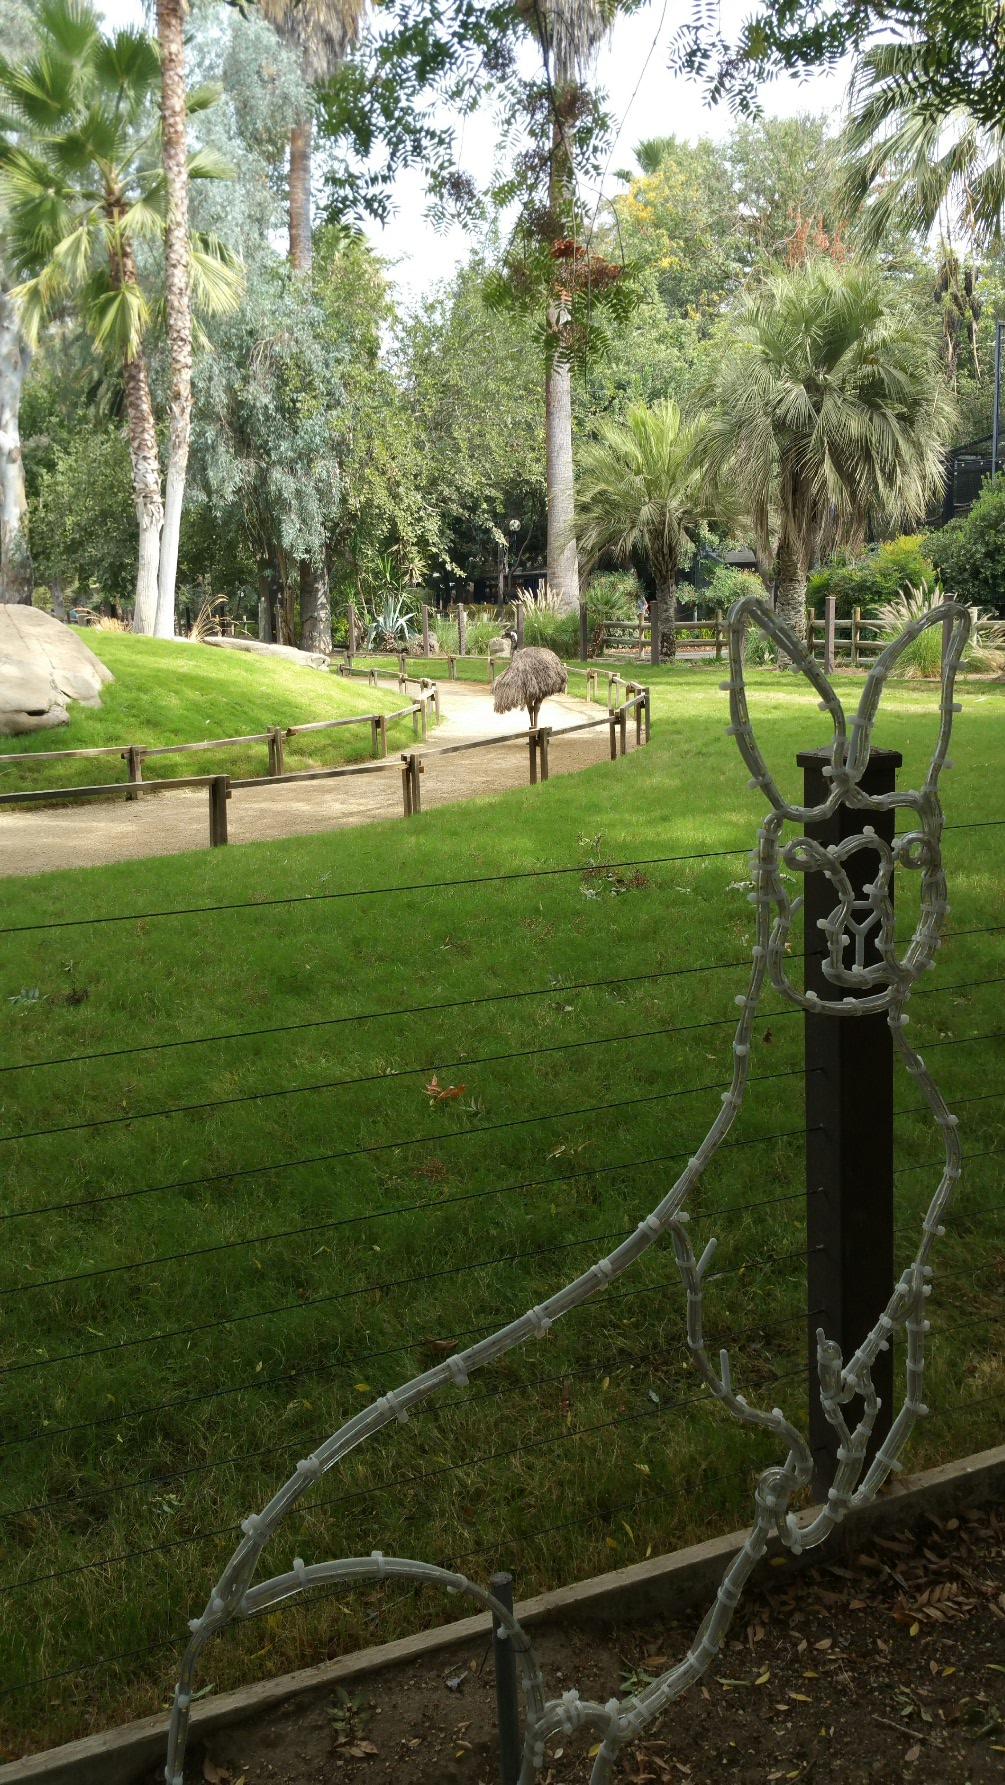 Emu is on guard duty.